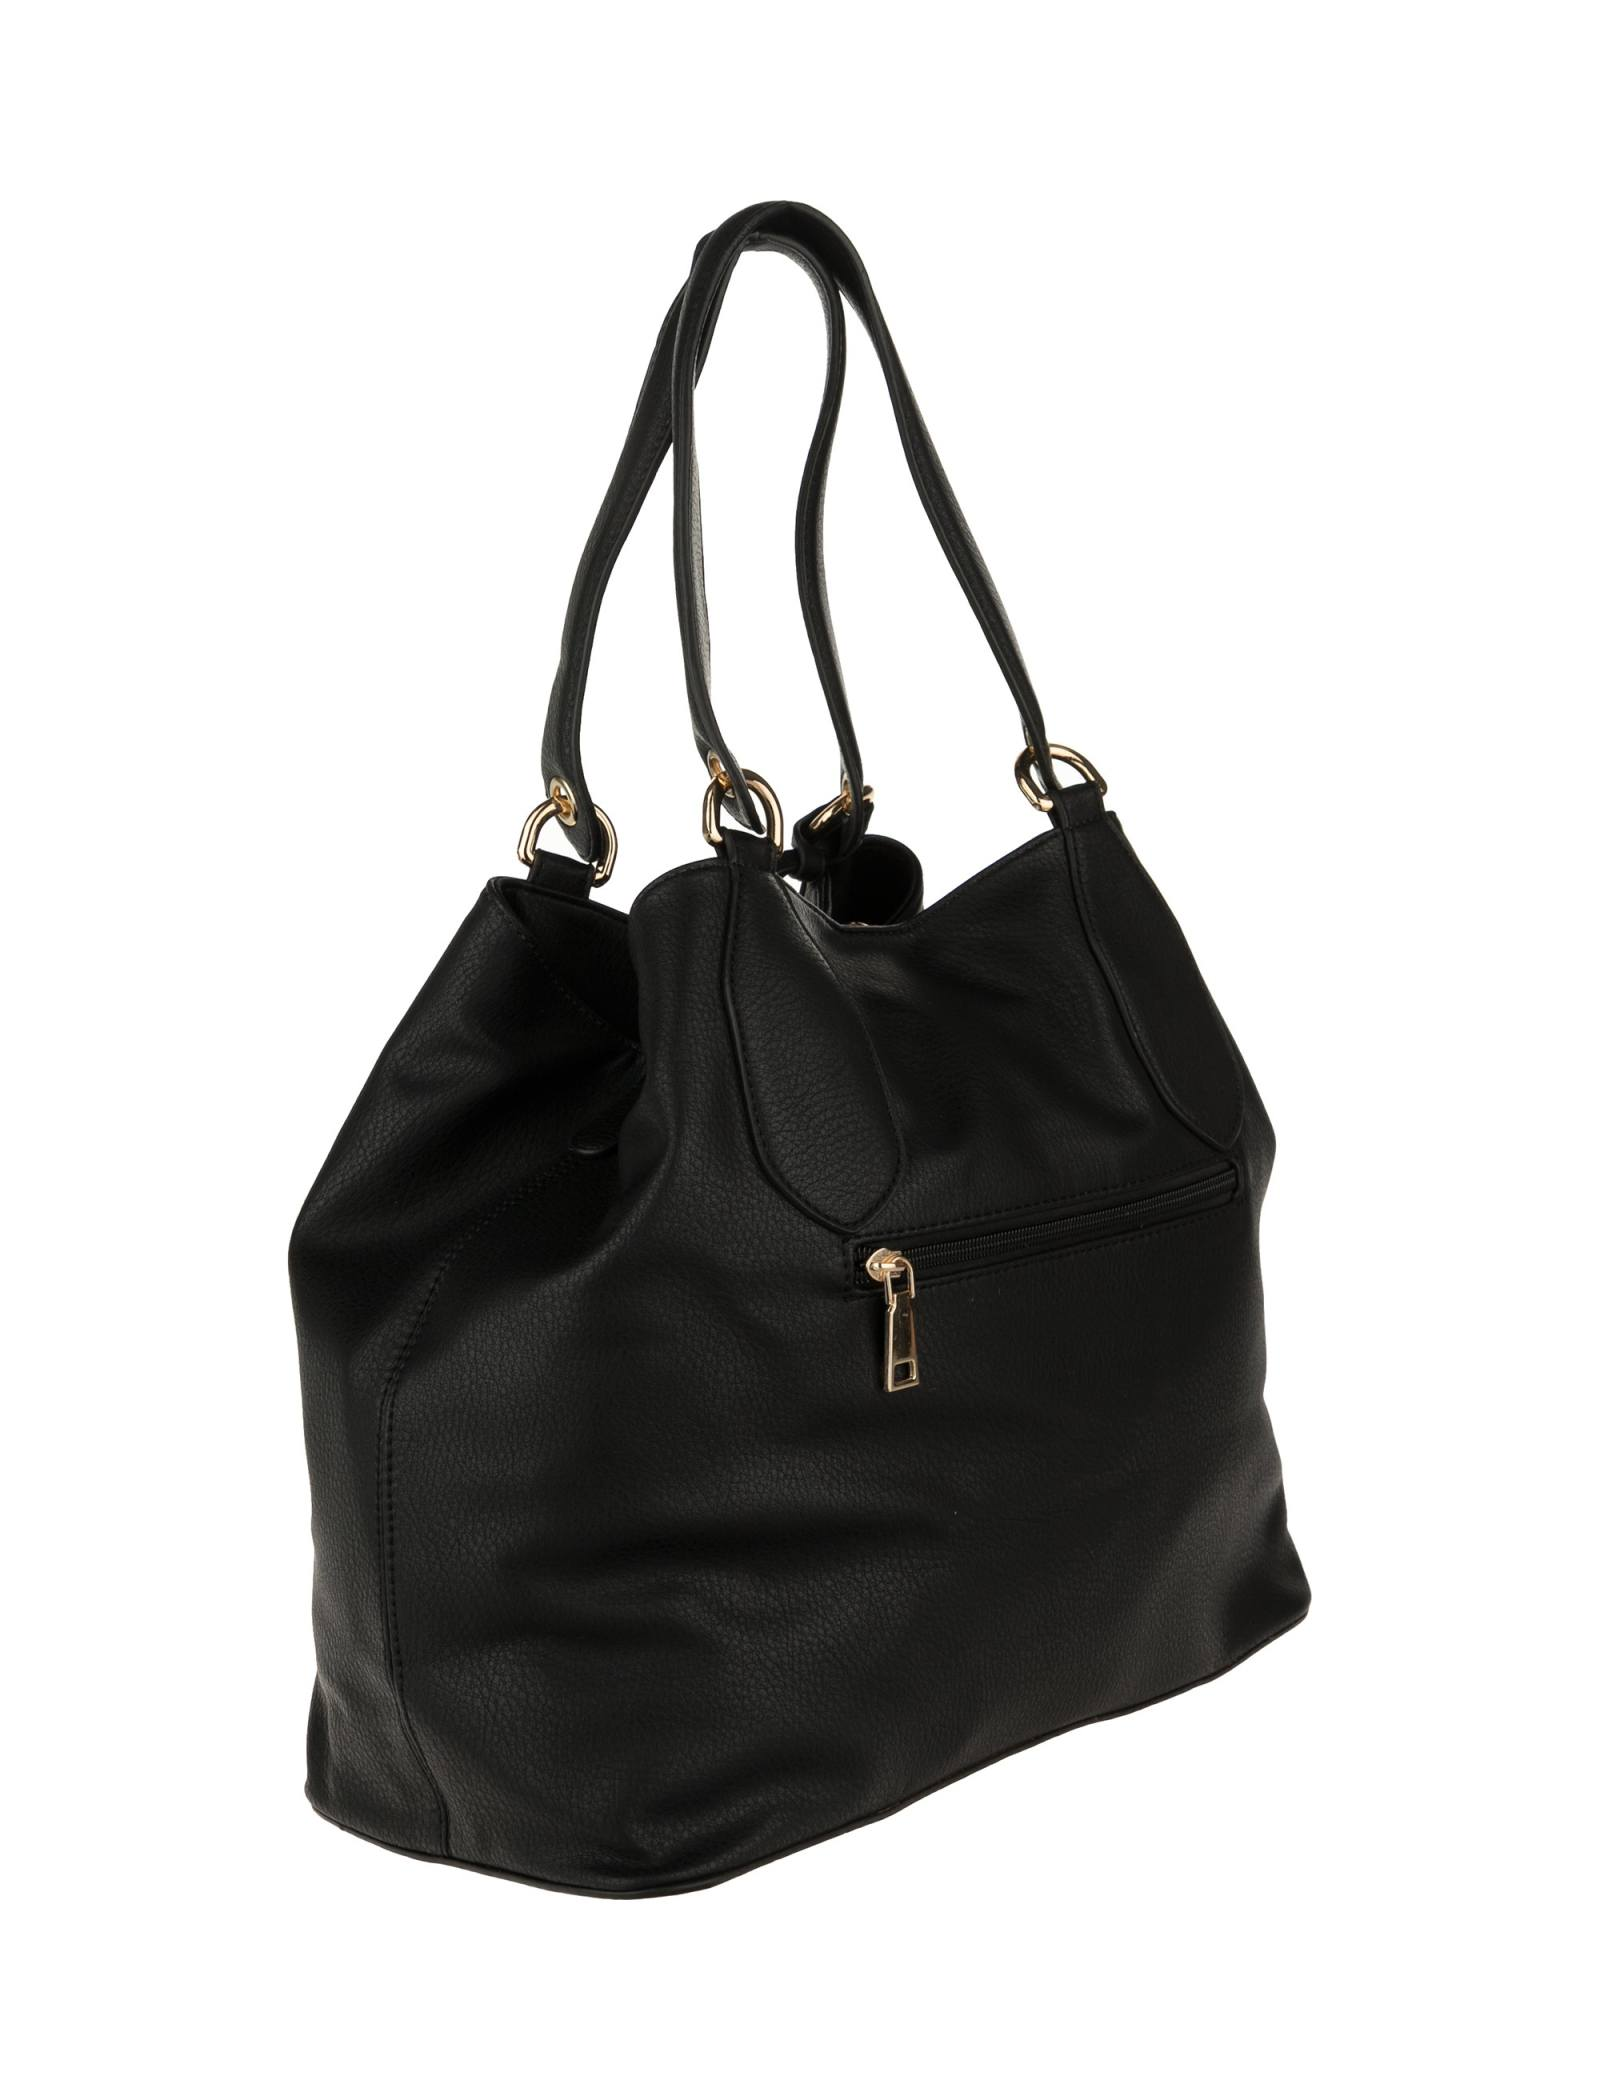 کیف دوشی روزمره زنانه - شانتال تک سایز - مشکي - 4